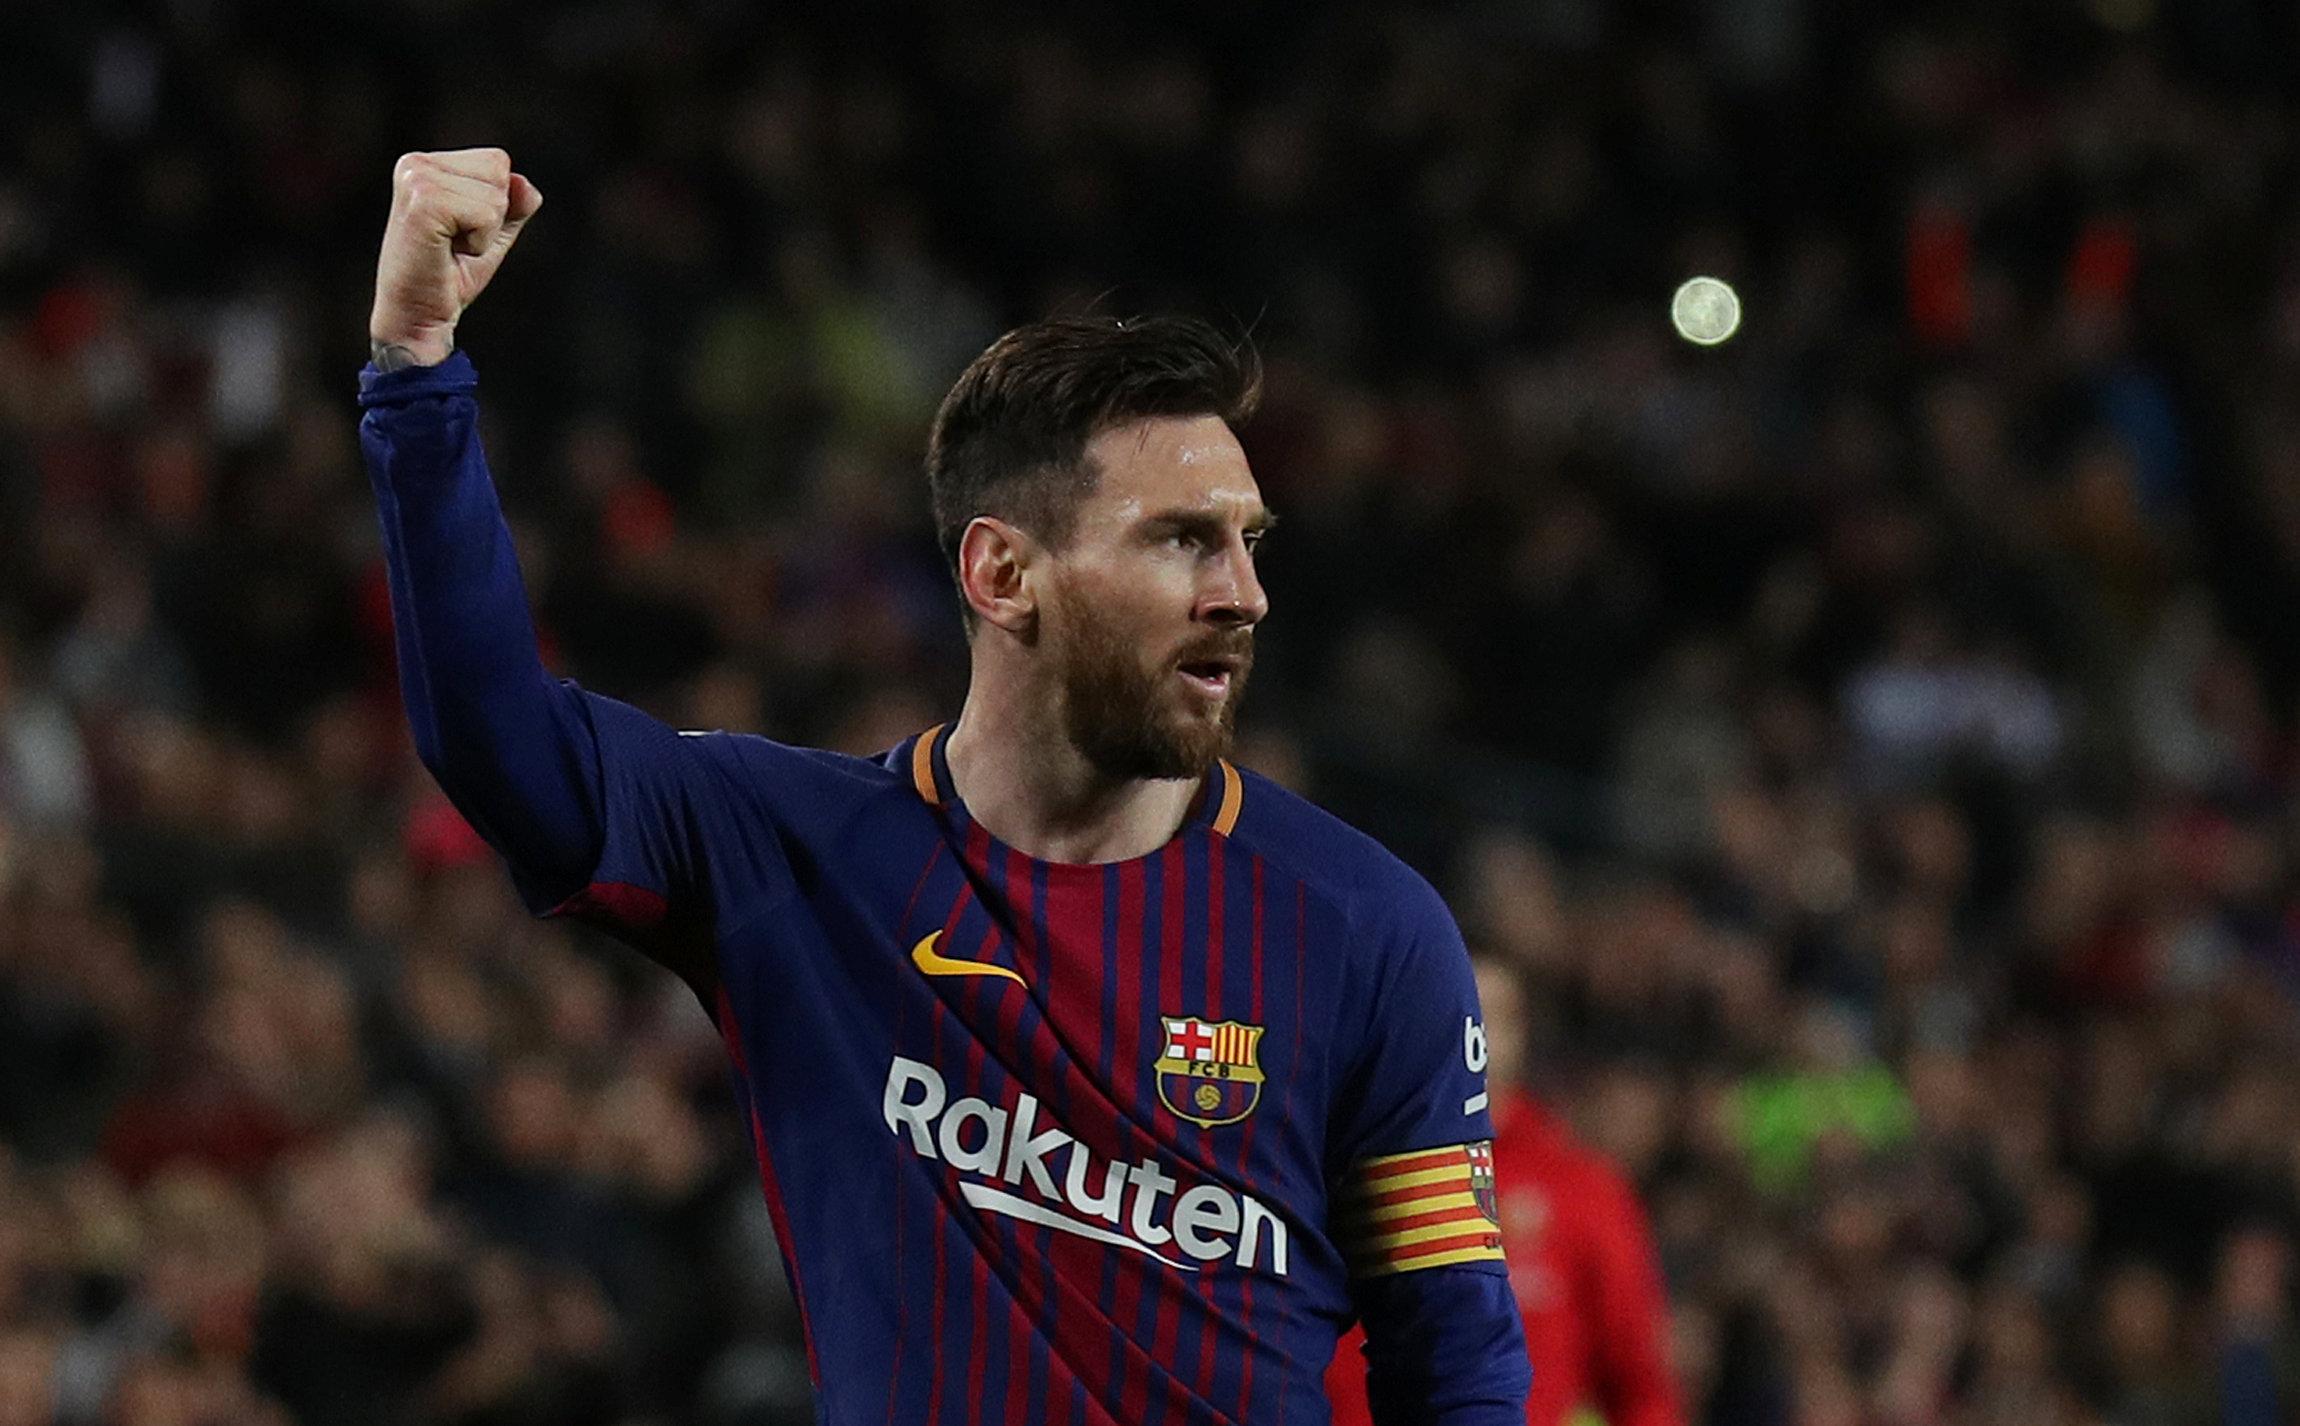 Football - Etranger - Messi footballeur le mieux payé au monde devant Ronaldo